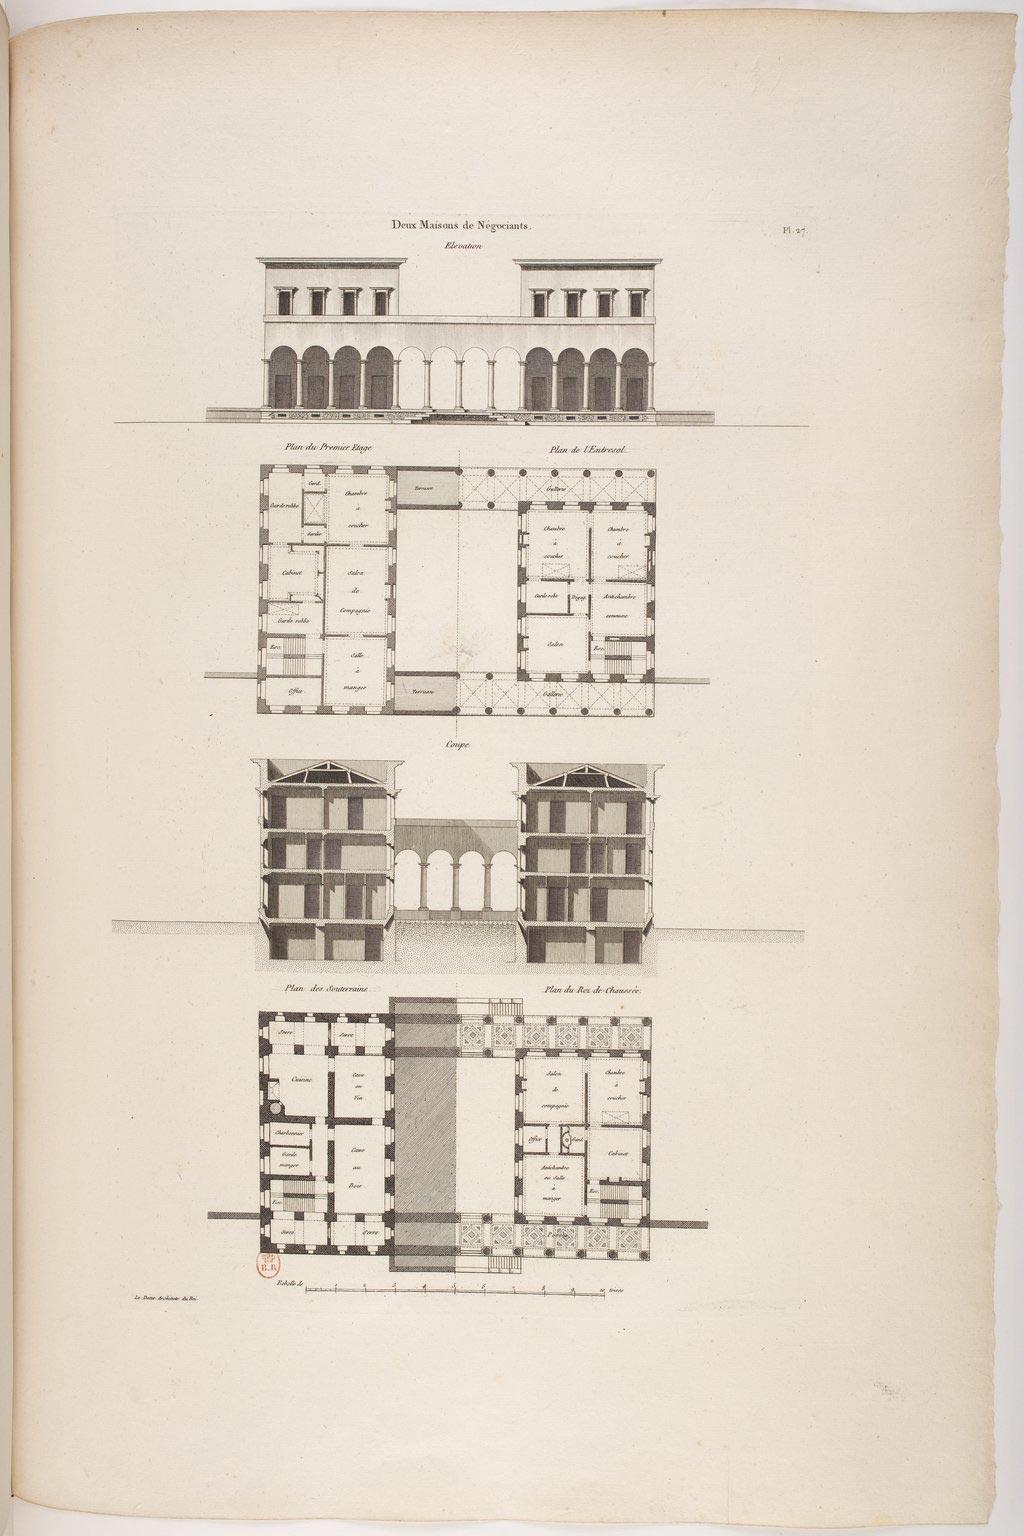 ledoux-claude-architecture-305